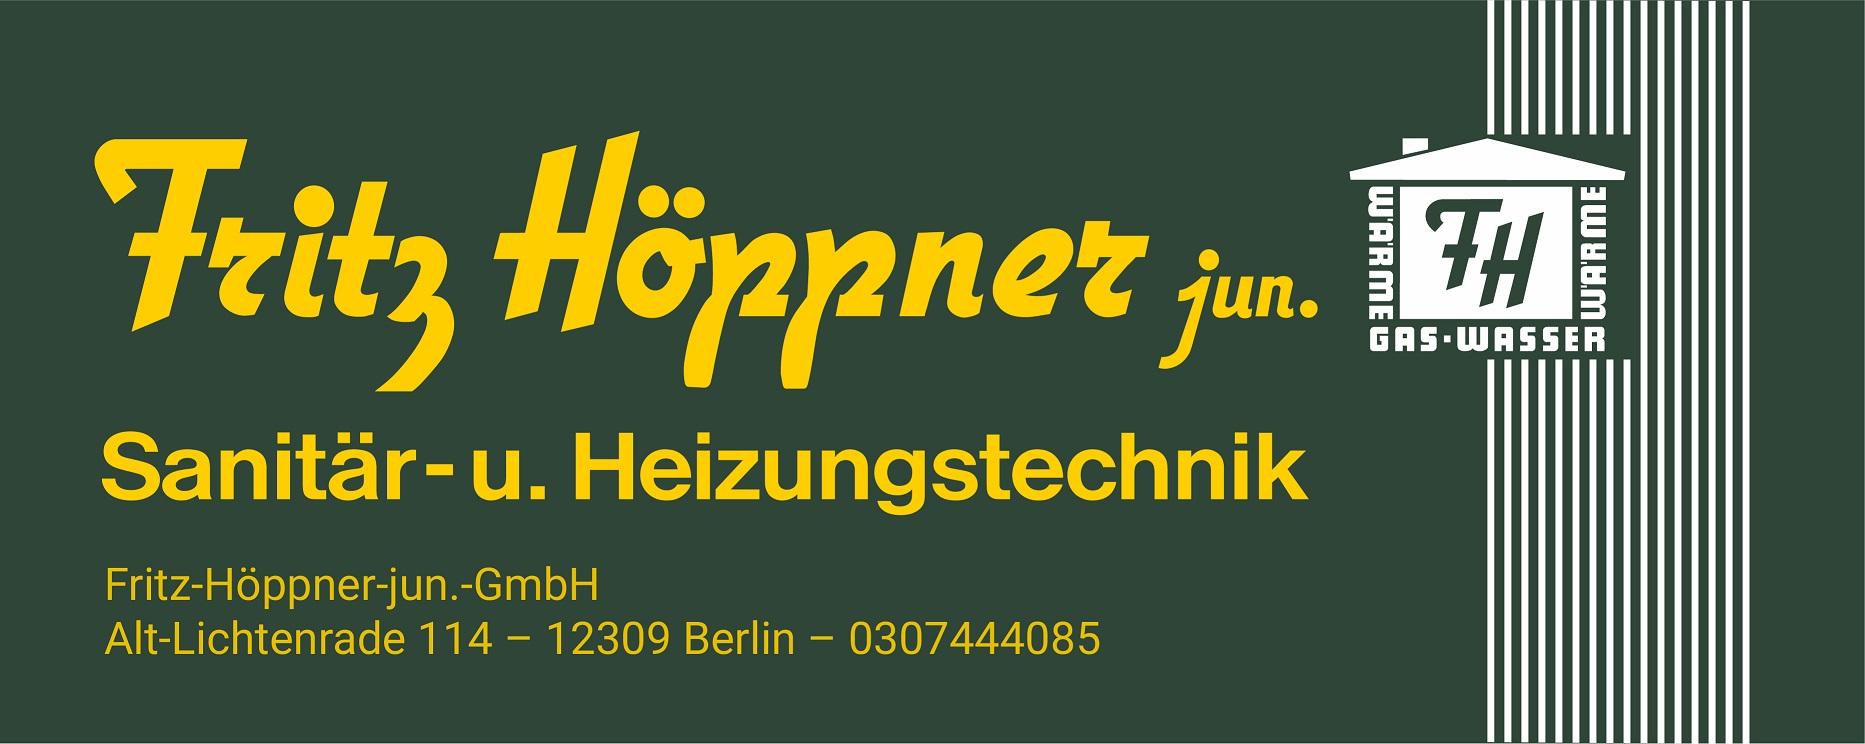 Logo Fritz Höppner jun.